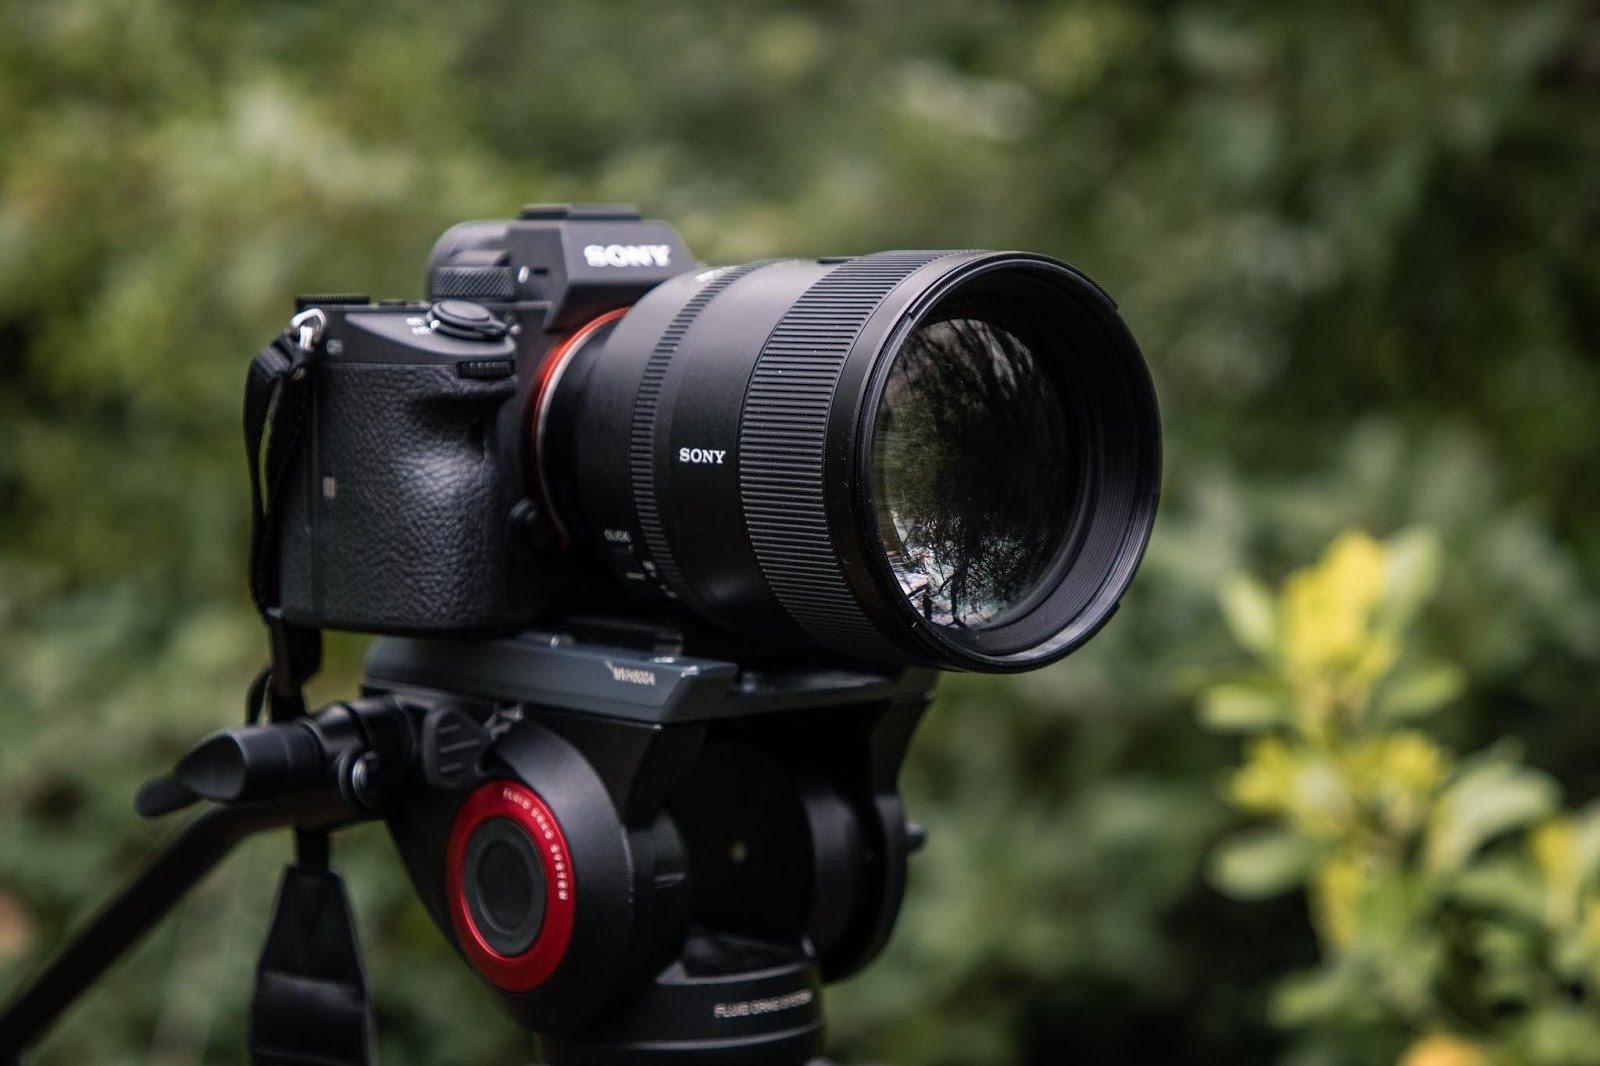 Sony FE 50mmf1.2 GM rumors